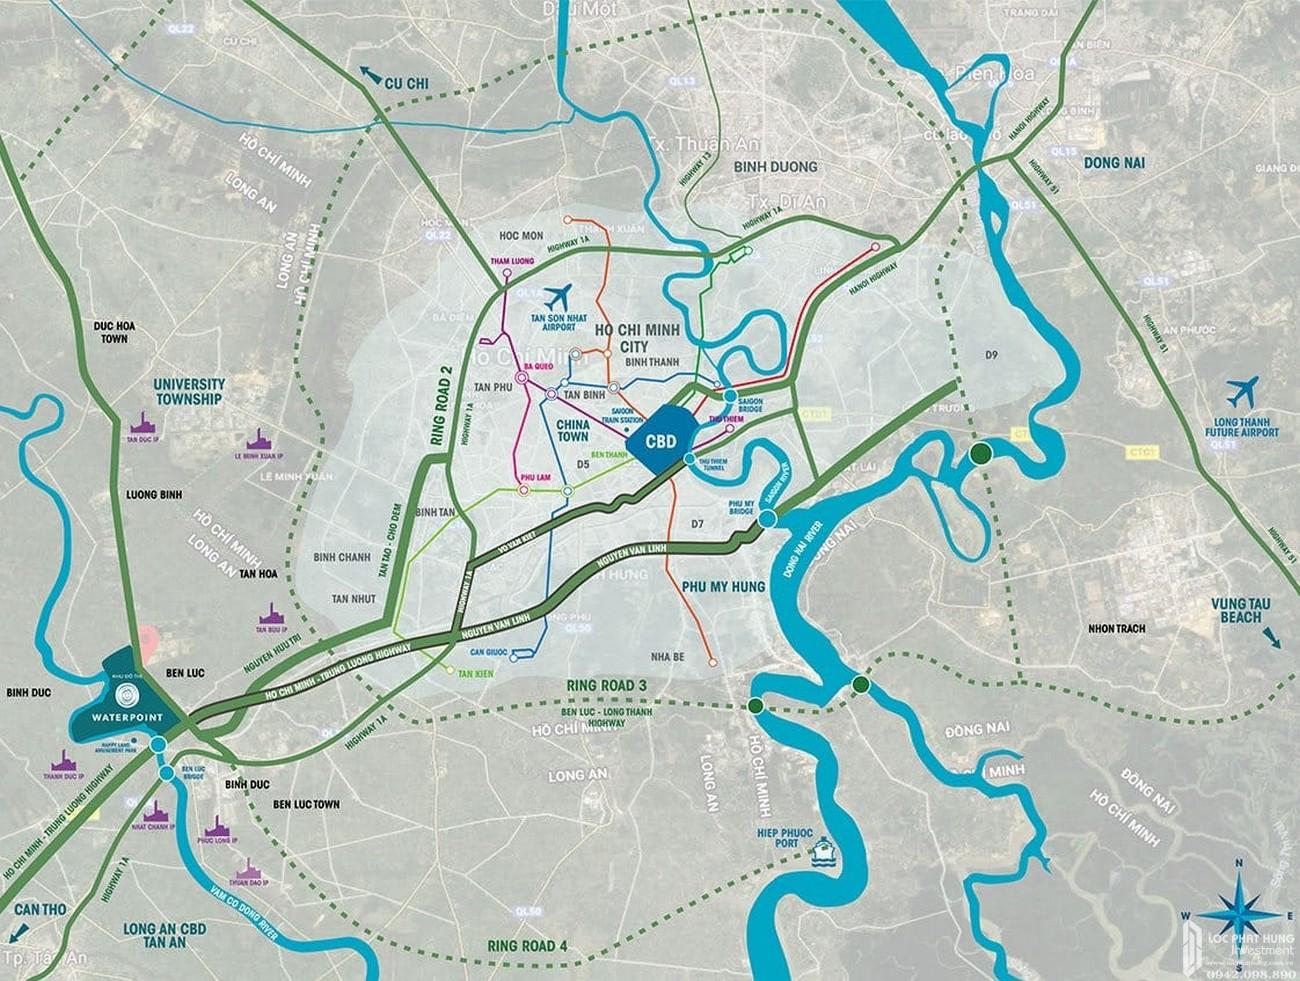 """Vị trí """"kim cương"""" dự án khu đô thị thông minh Waterpoint Long An"""